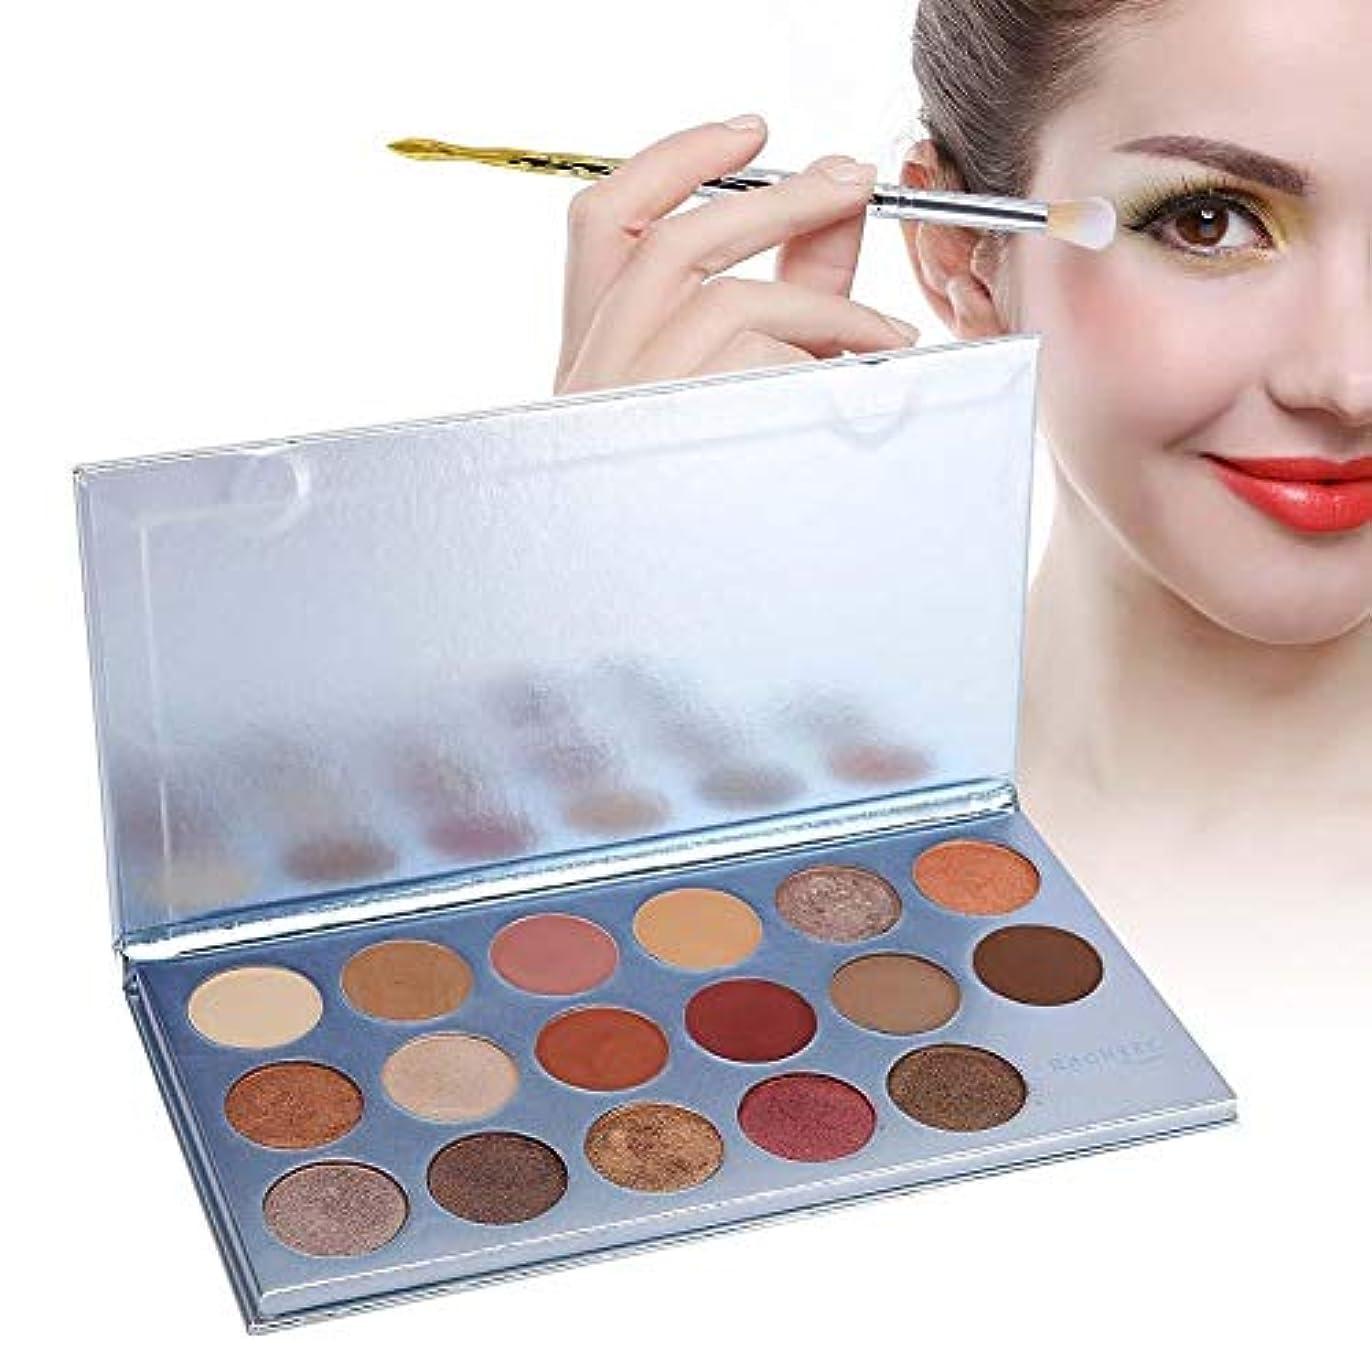 17色 アイシャドウパレット アイシャドウパレット 化粧マット グロス アイシャドウパウダー 化粧品ツール